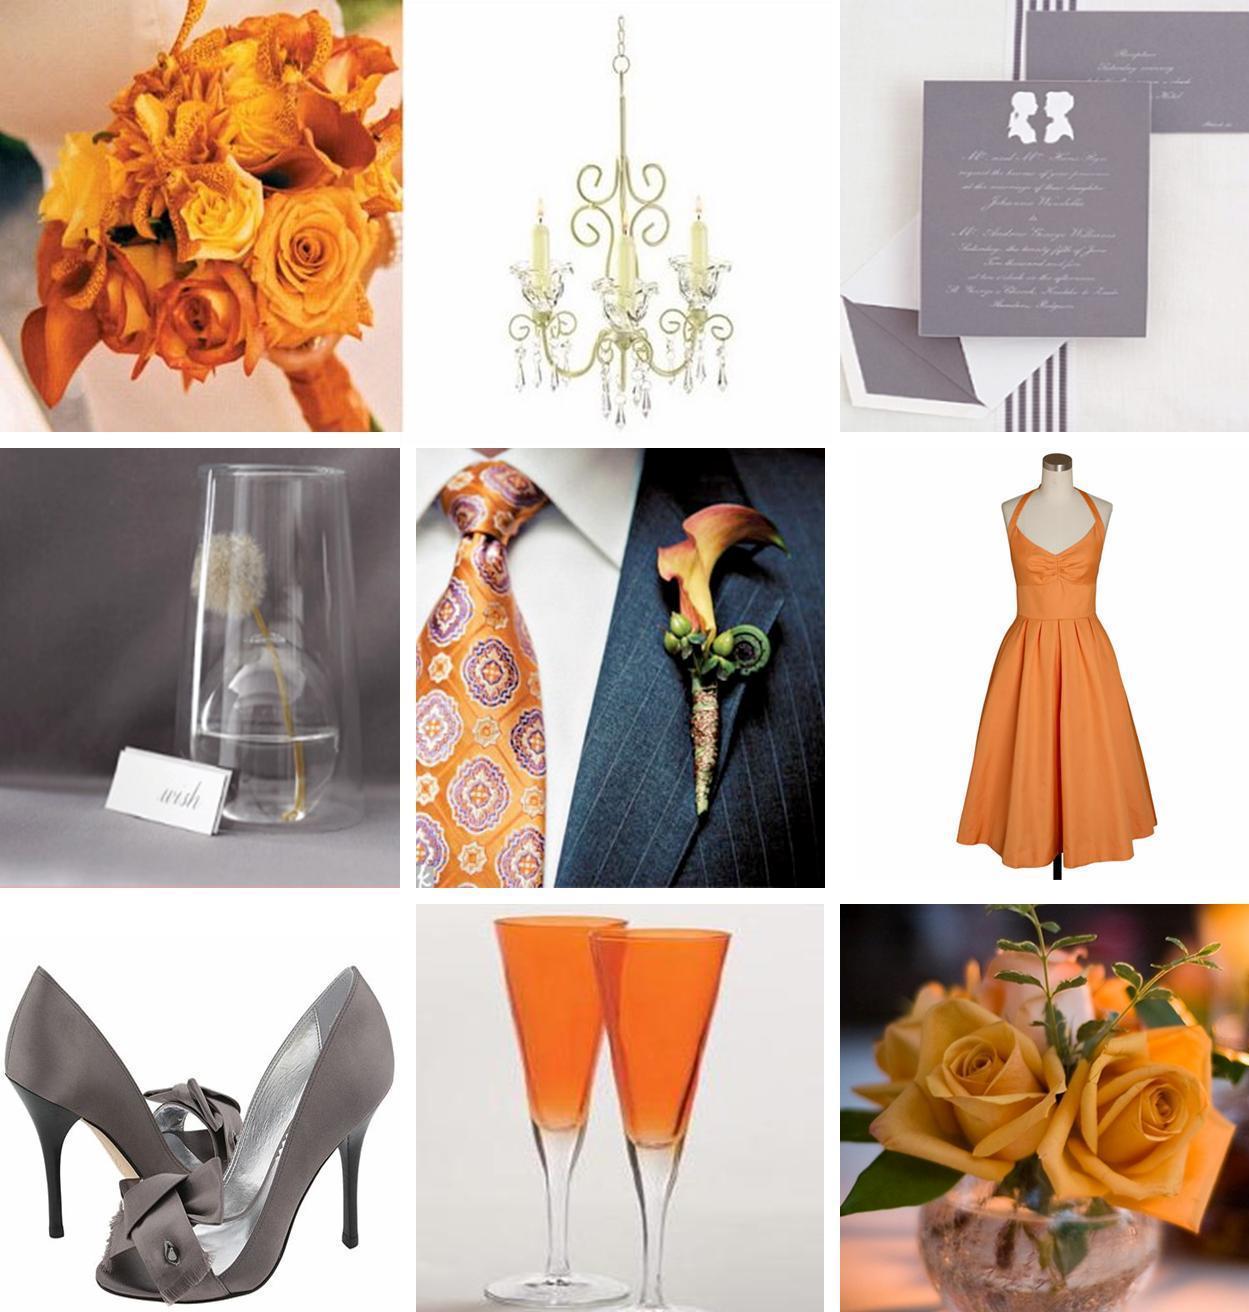 Inspiration, Flowers & Decor, Decor, white, orange, silver, Grey, Peach, Board, Peach and gray